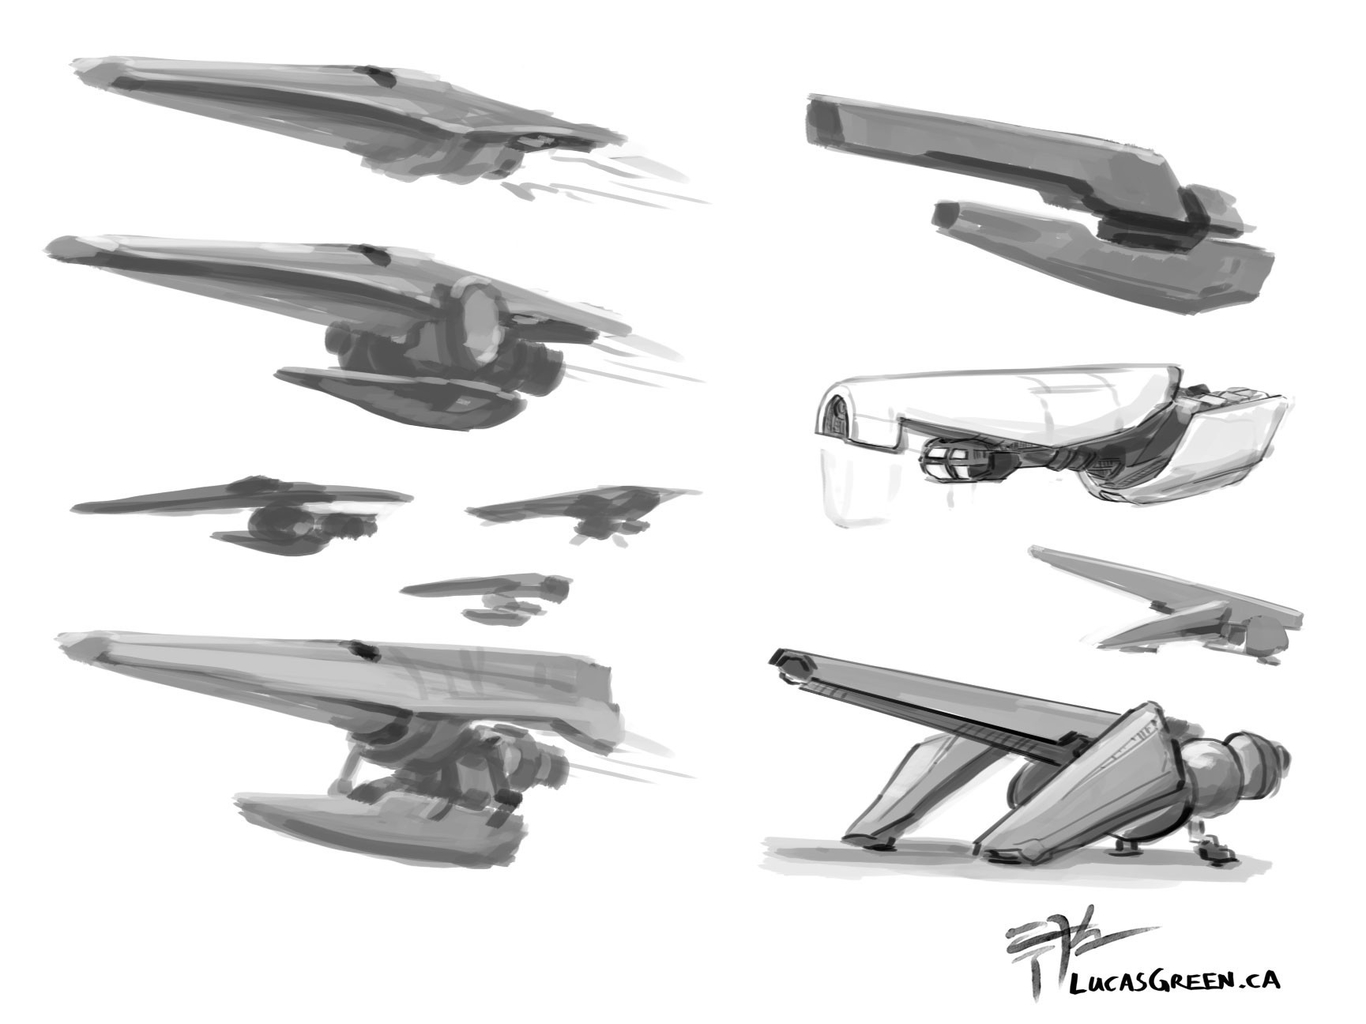 Lucasgreen jackhammer spaceship 1 d2b7d729 smdd